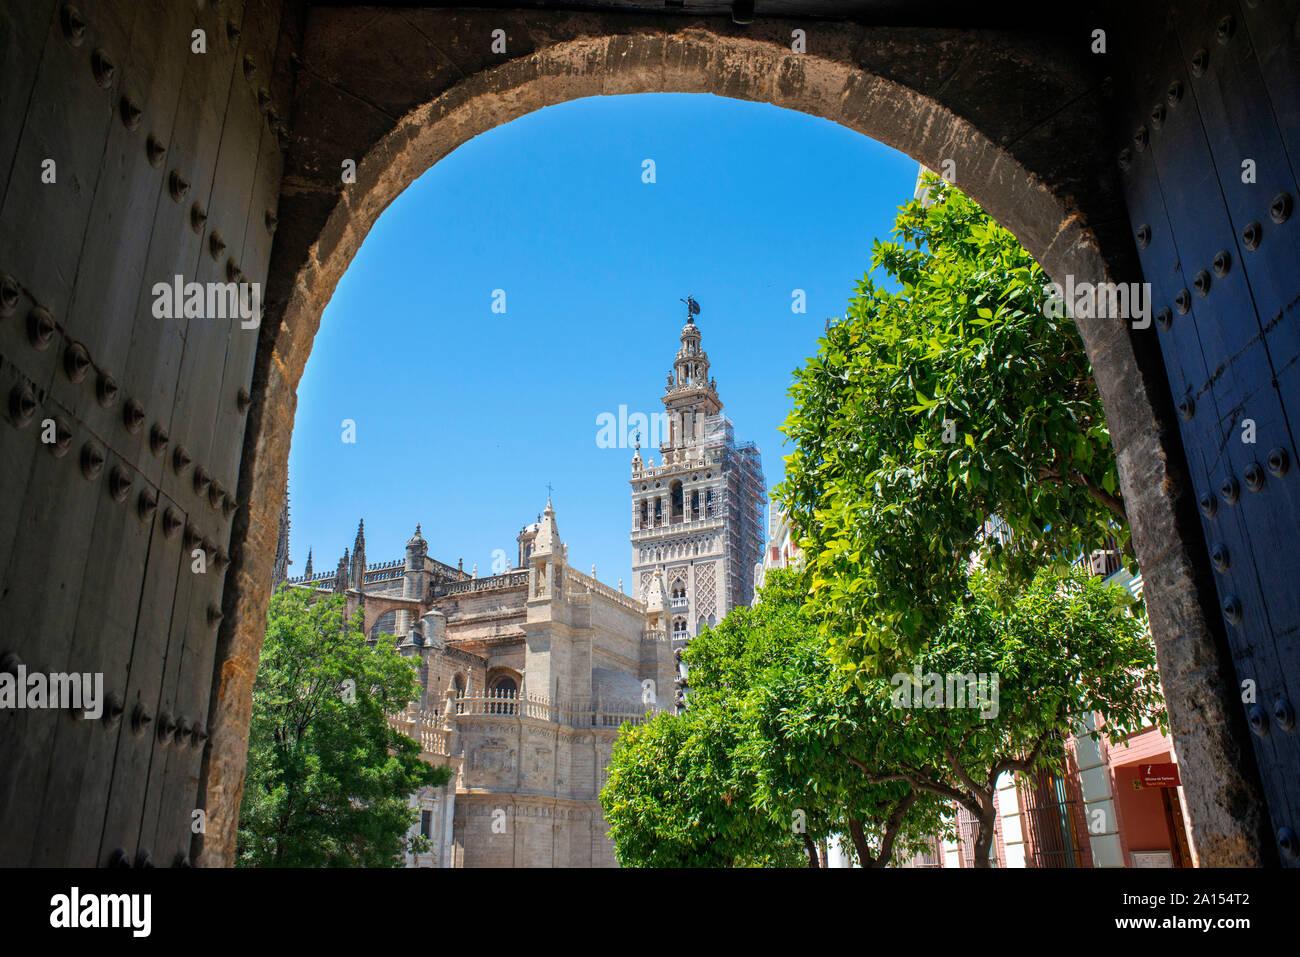 La Giralda di Siviglia, vista del XII secolo torre moresca conosciuta come La Giralda nel centro del vecchio quartiere della città di Siviglia, in Andalusia, Spagna Foto Stock